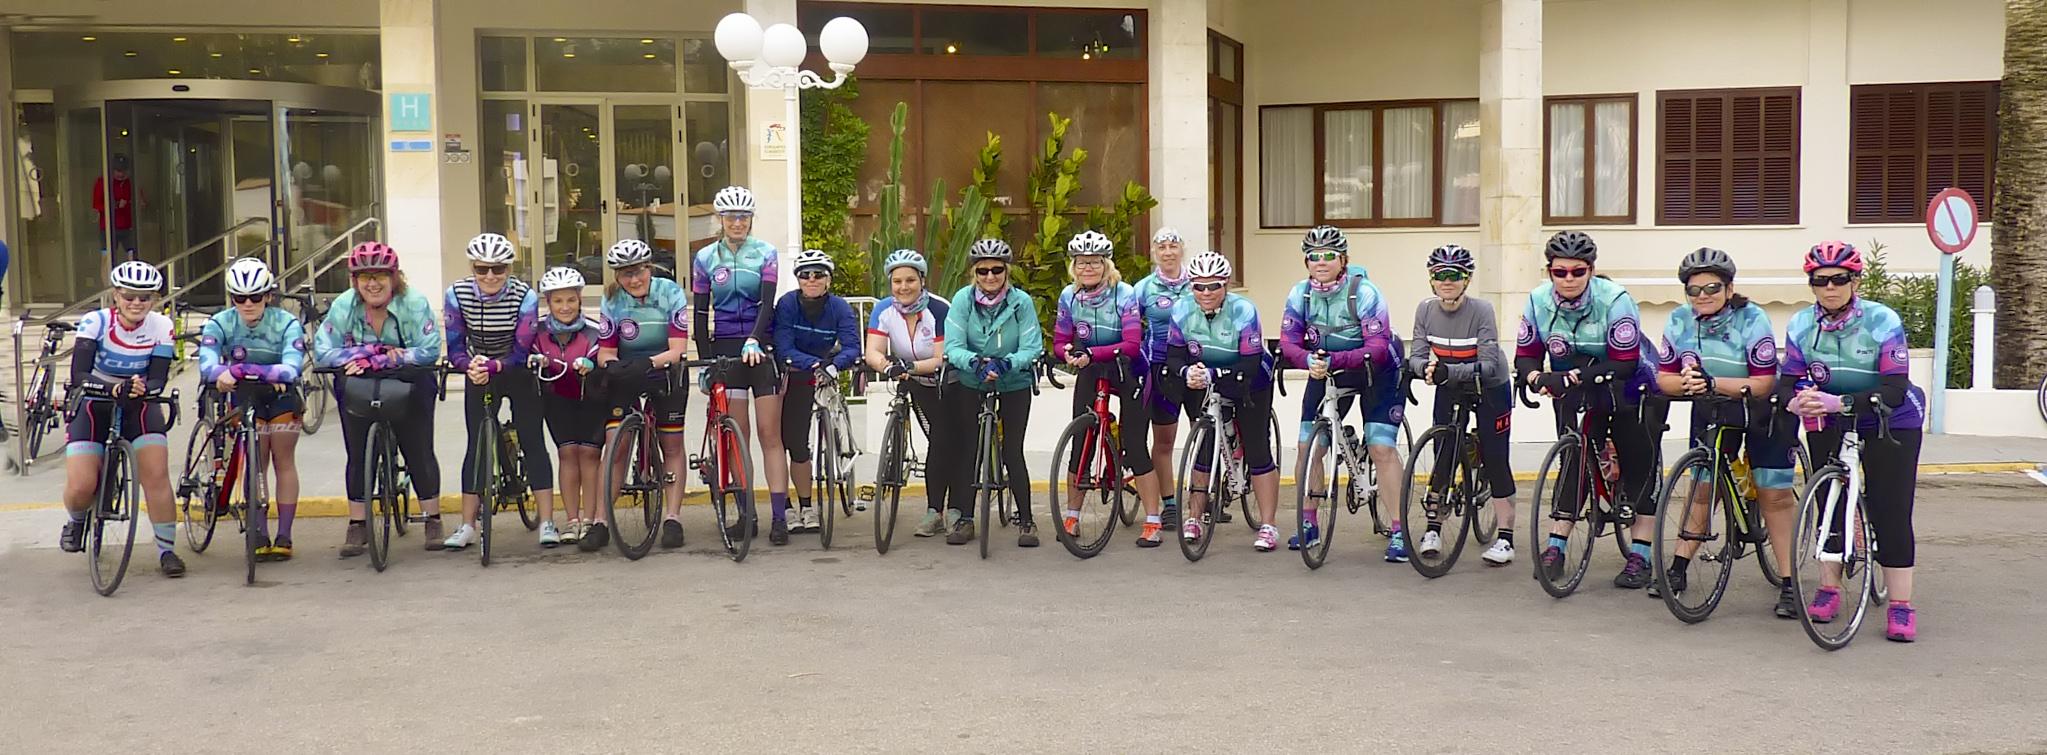 Ladies Cycling Club Queensbury West Yorkshire near Halifax Bradford Huddersfield